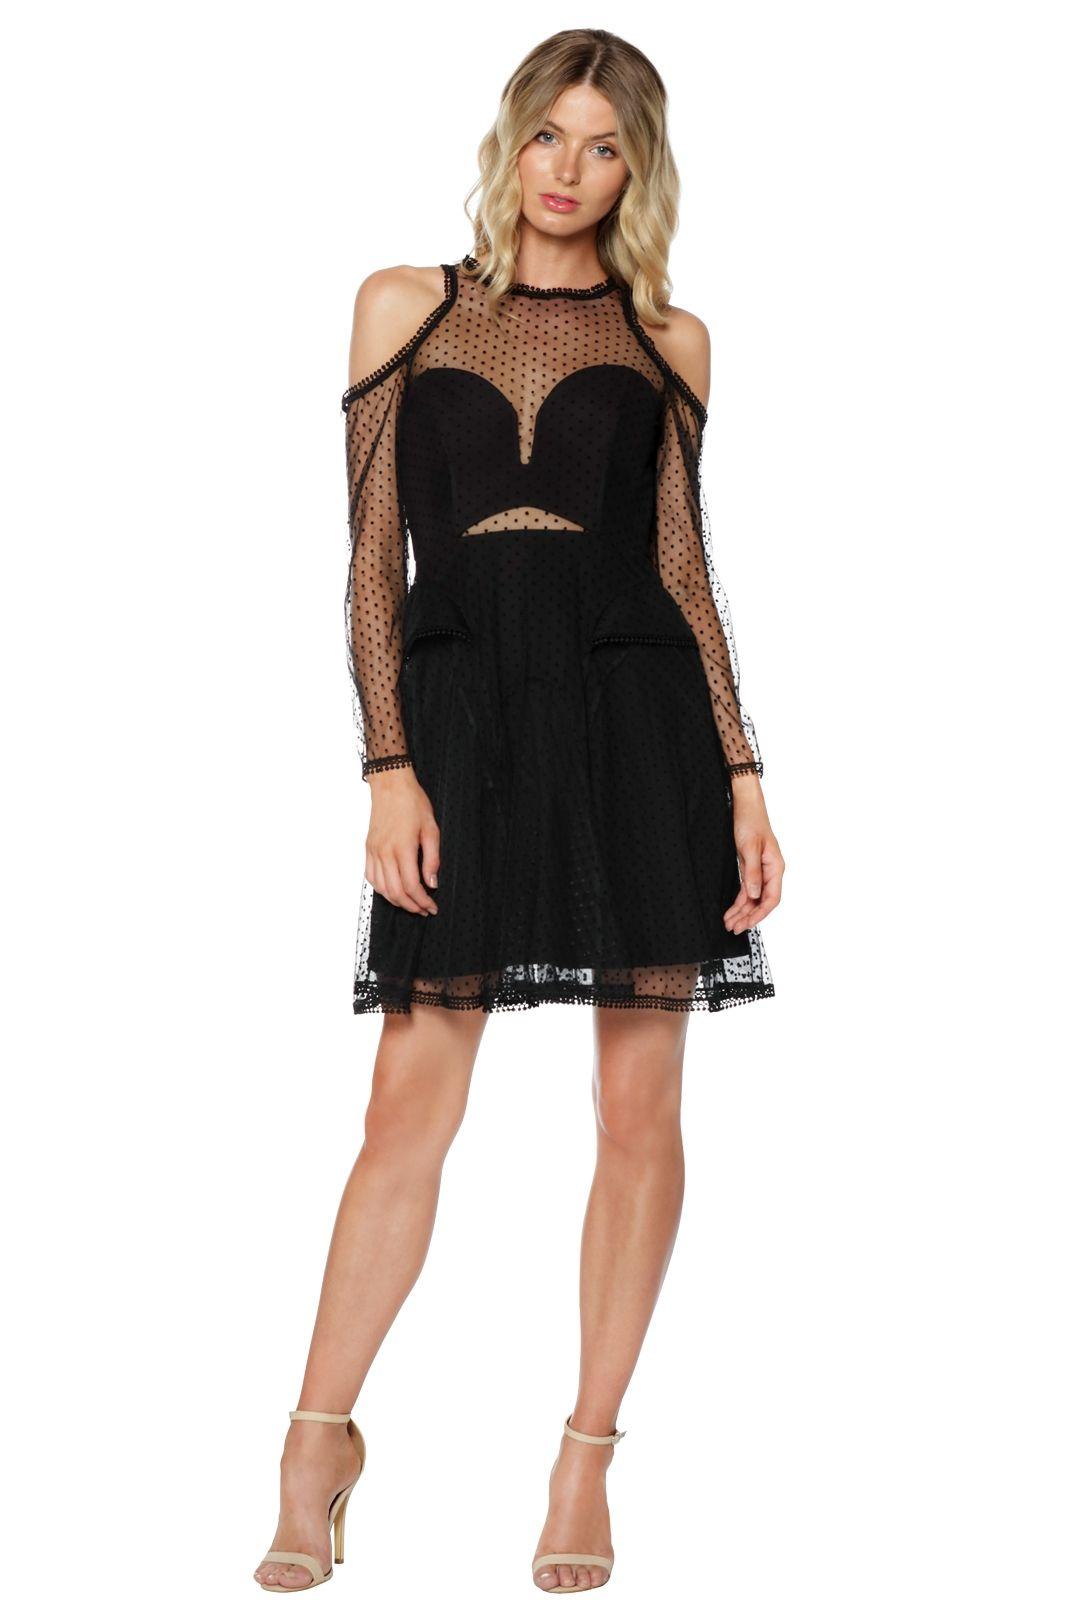 Thurley - Poppy Dress - Black - Front